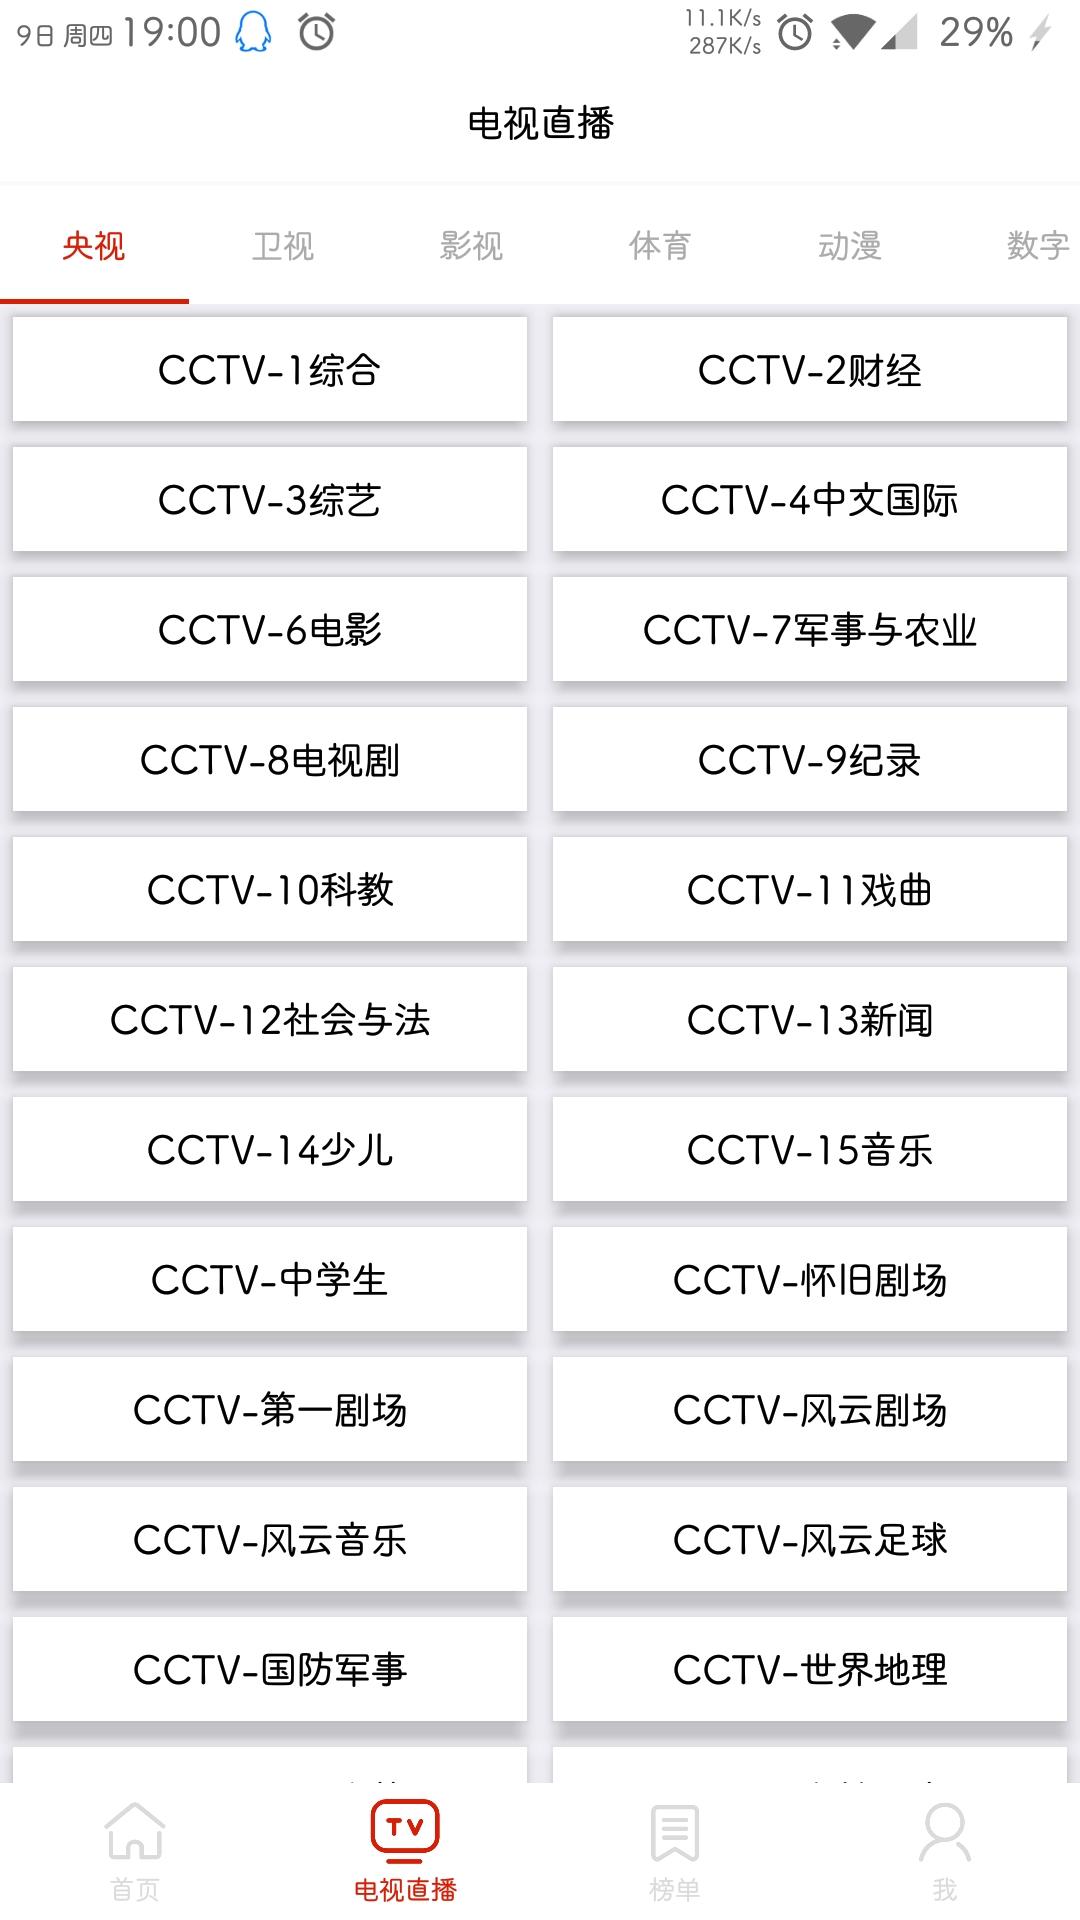 Screenshot_20171109-190021.jpg